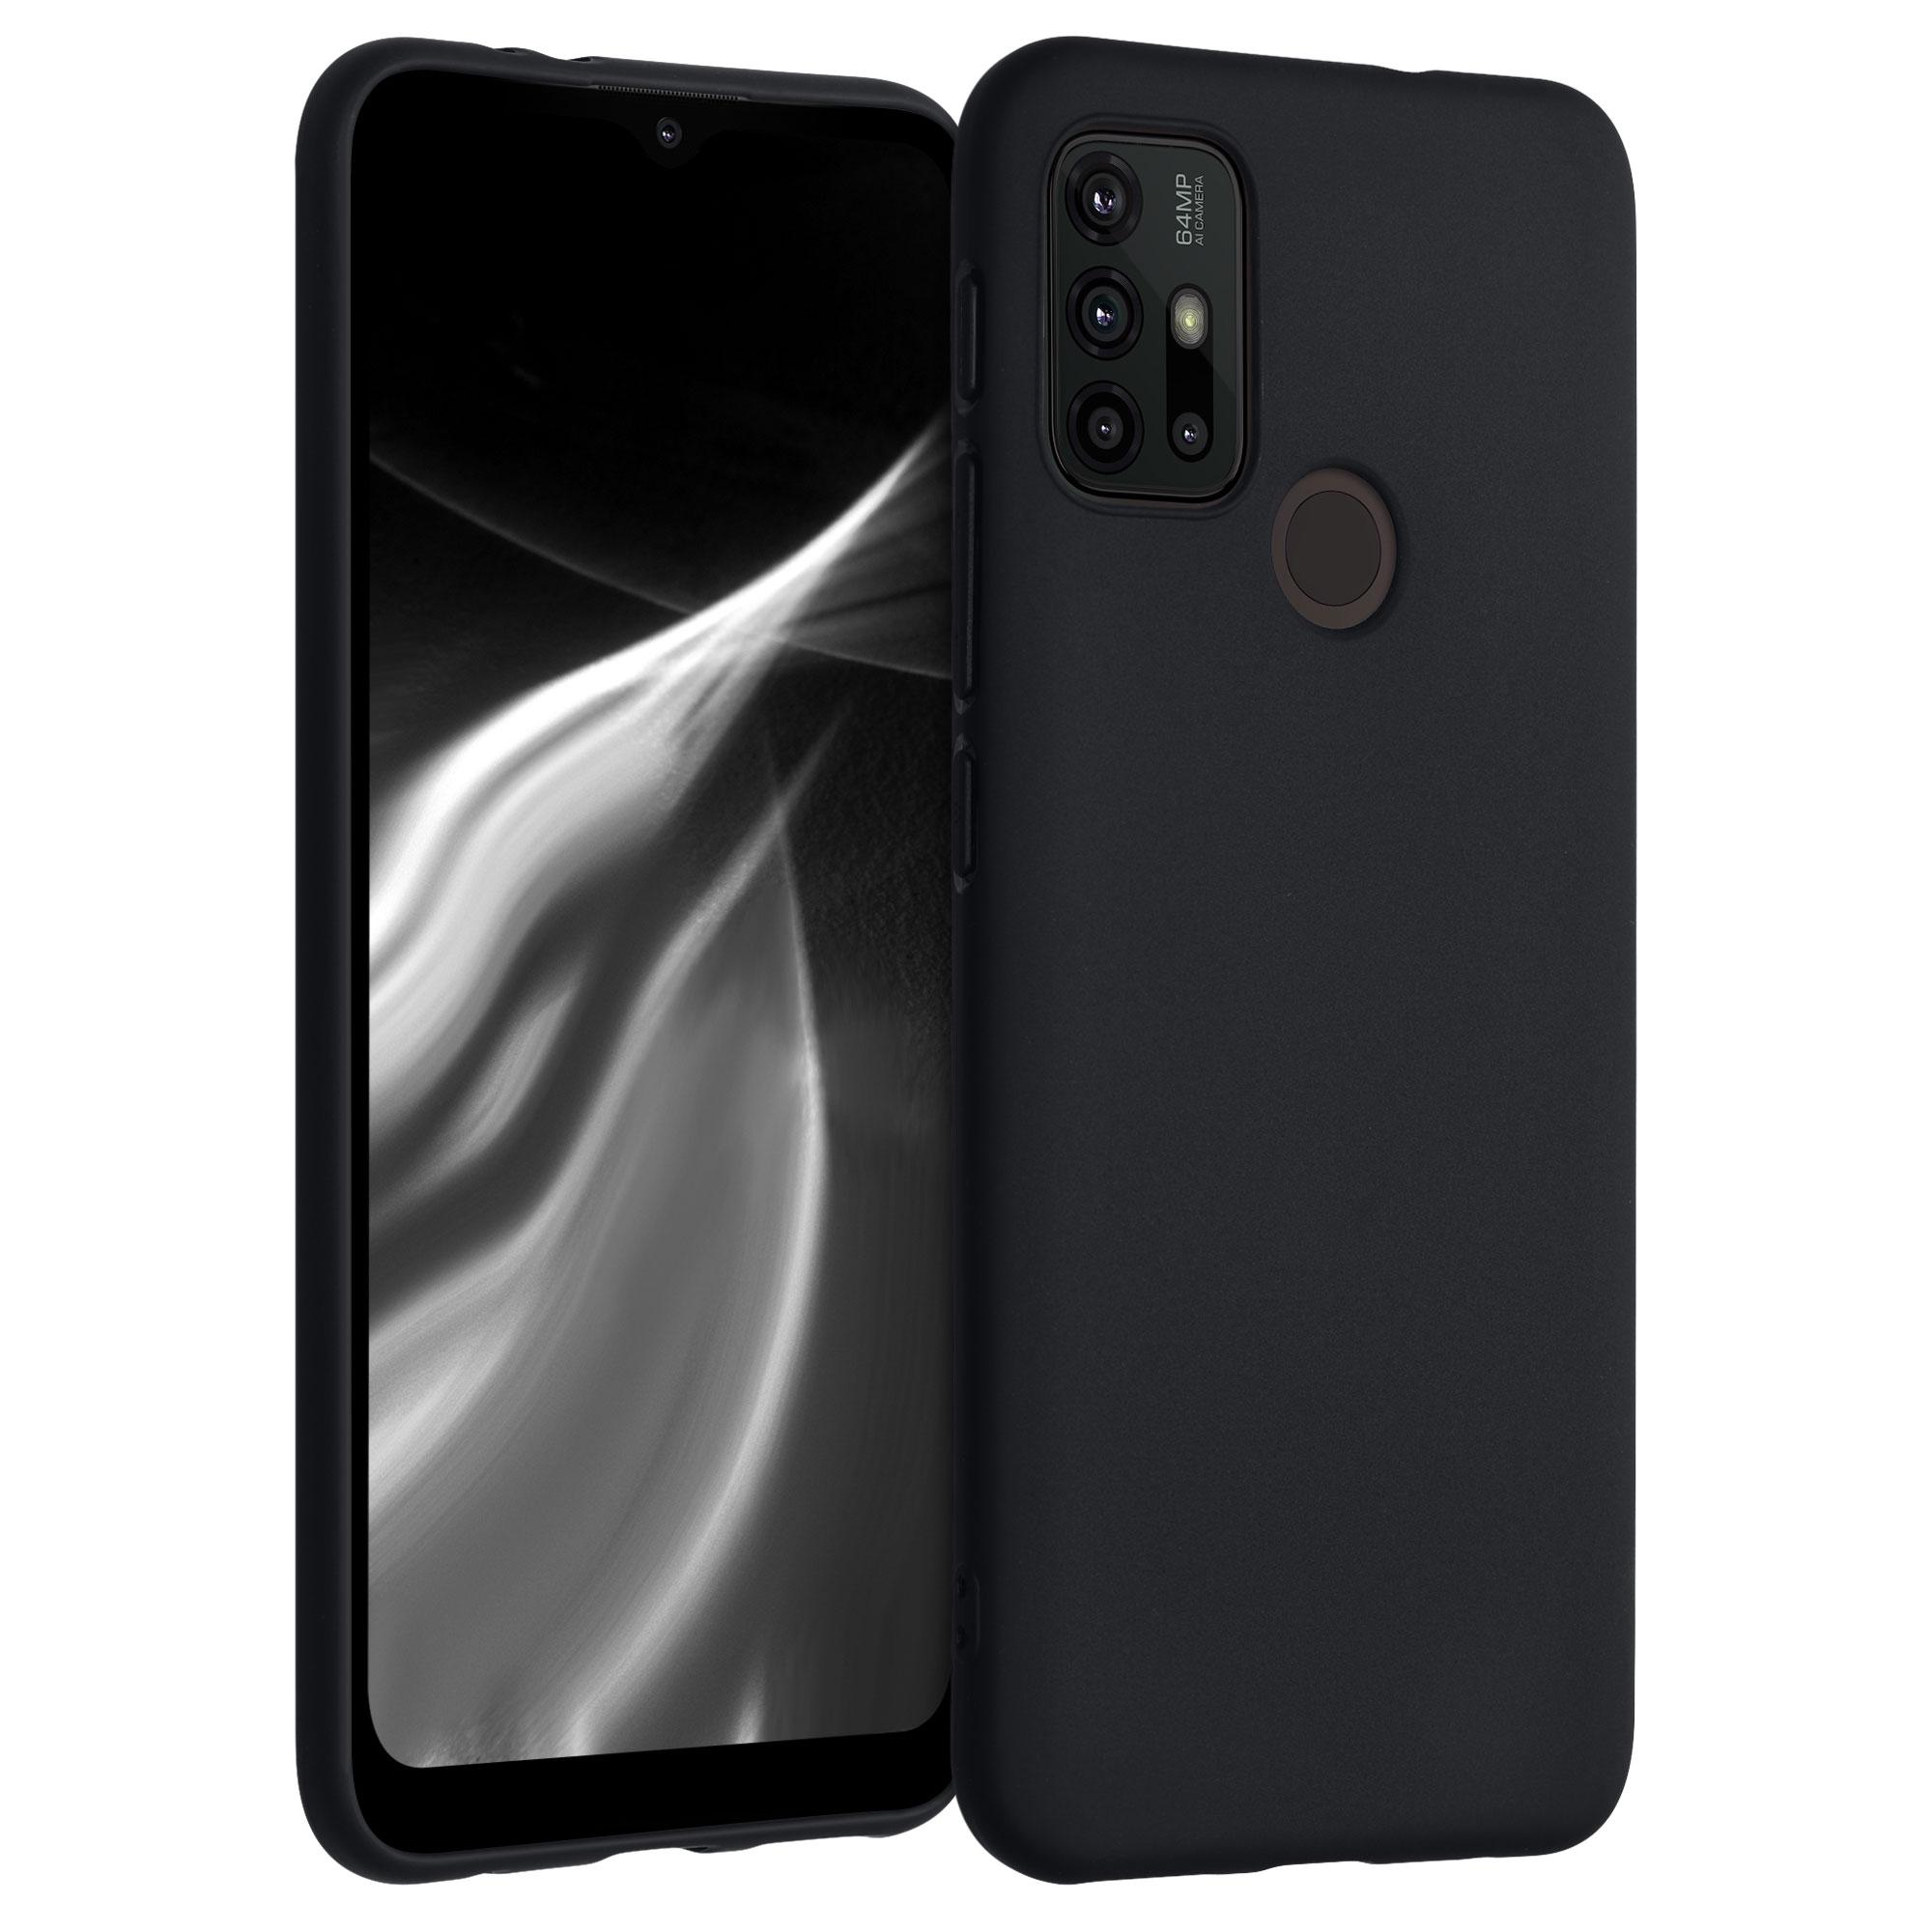 Kvalitní silikonové TPU pouzdro | obal pro Motorola Moto G30 / Moto G20 / Moto G10 - Černá matná